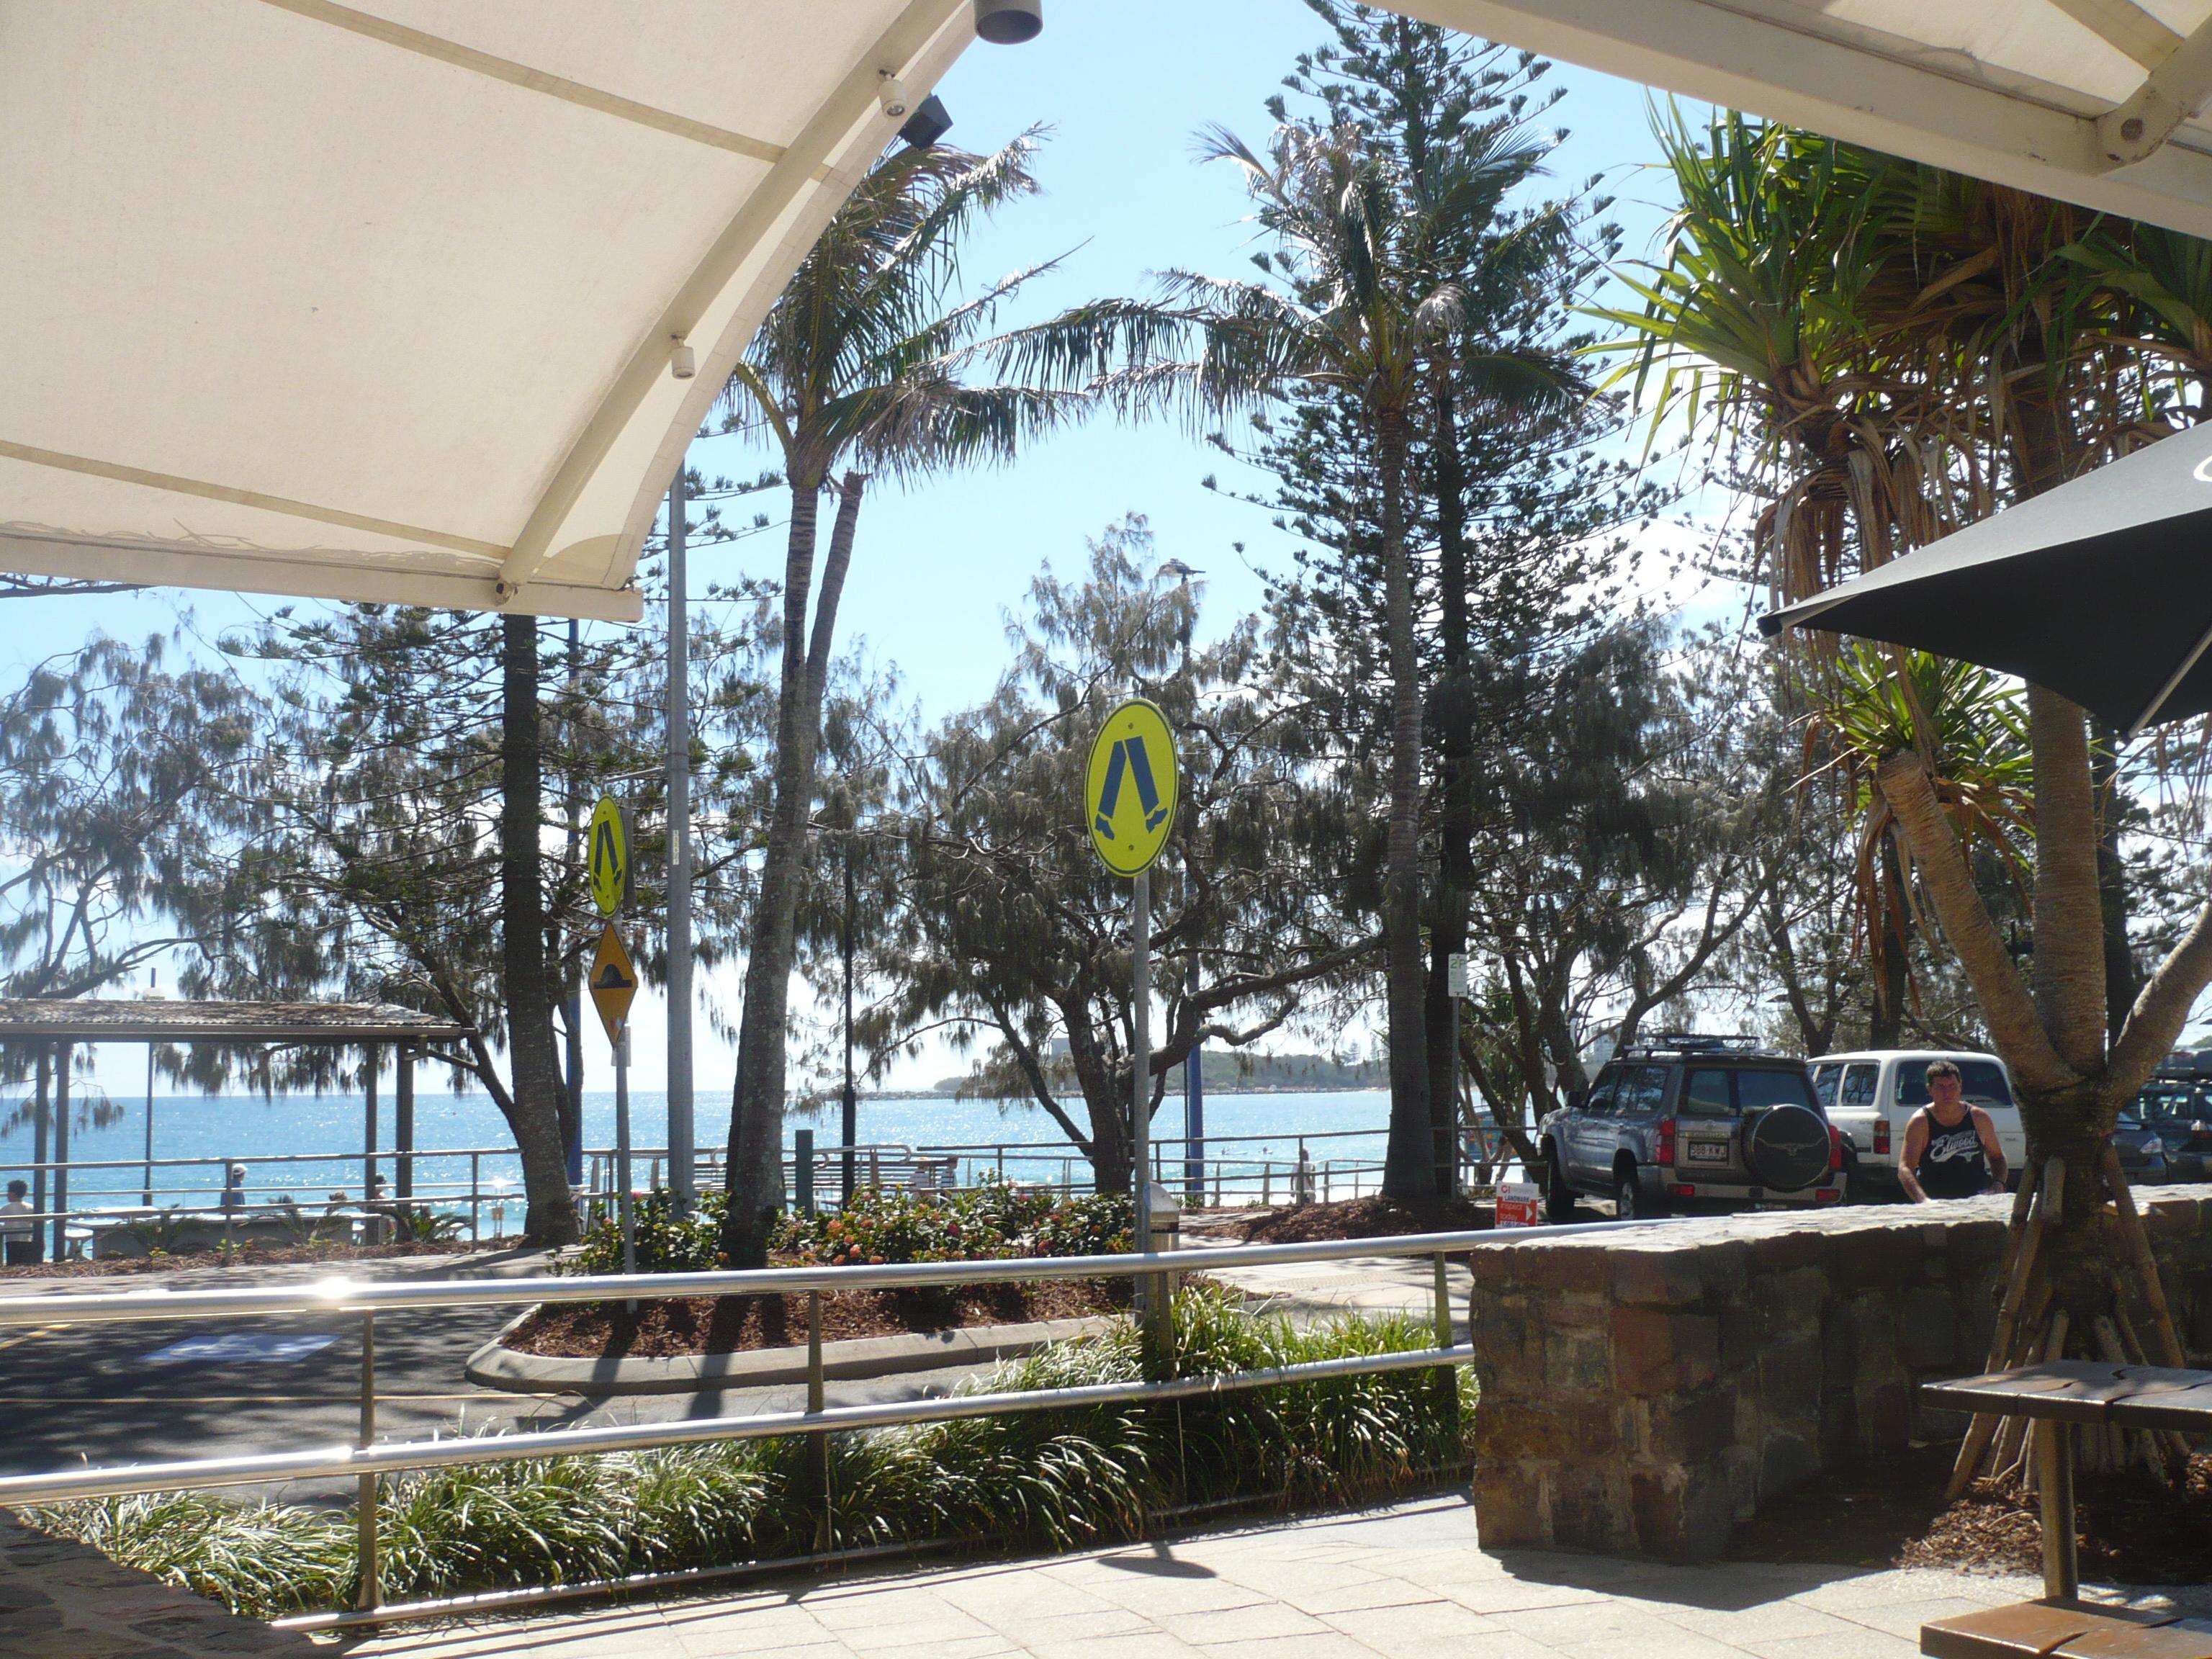 Cafe overlooking Mooloolaba Beach